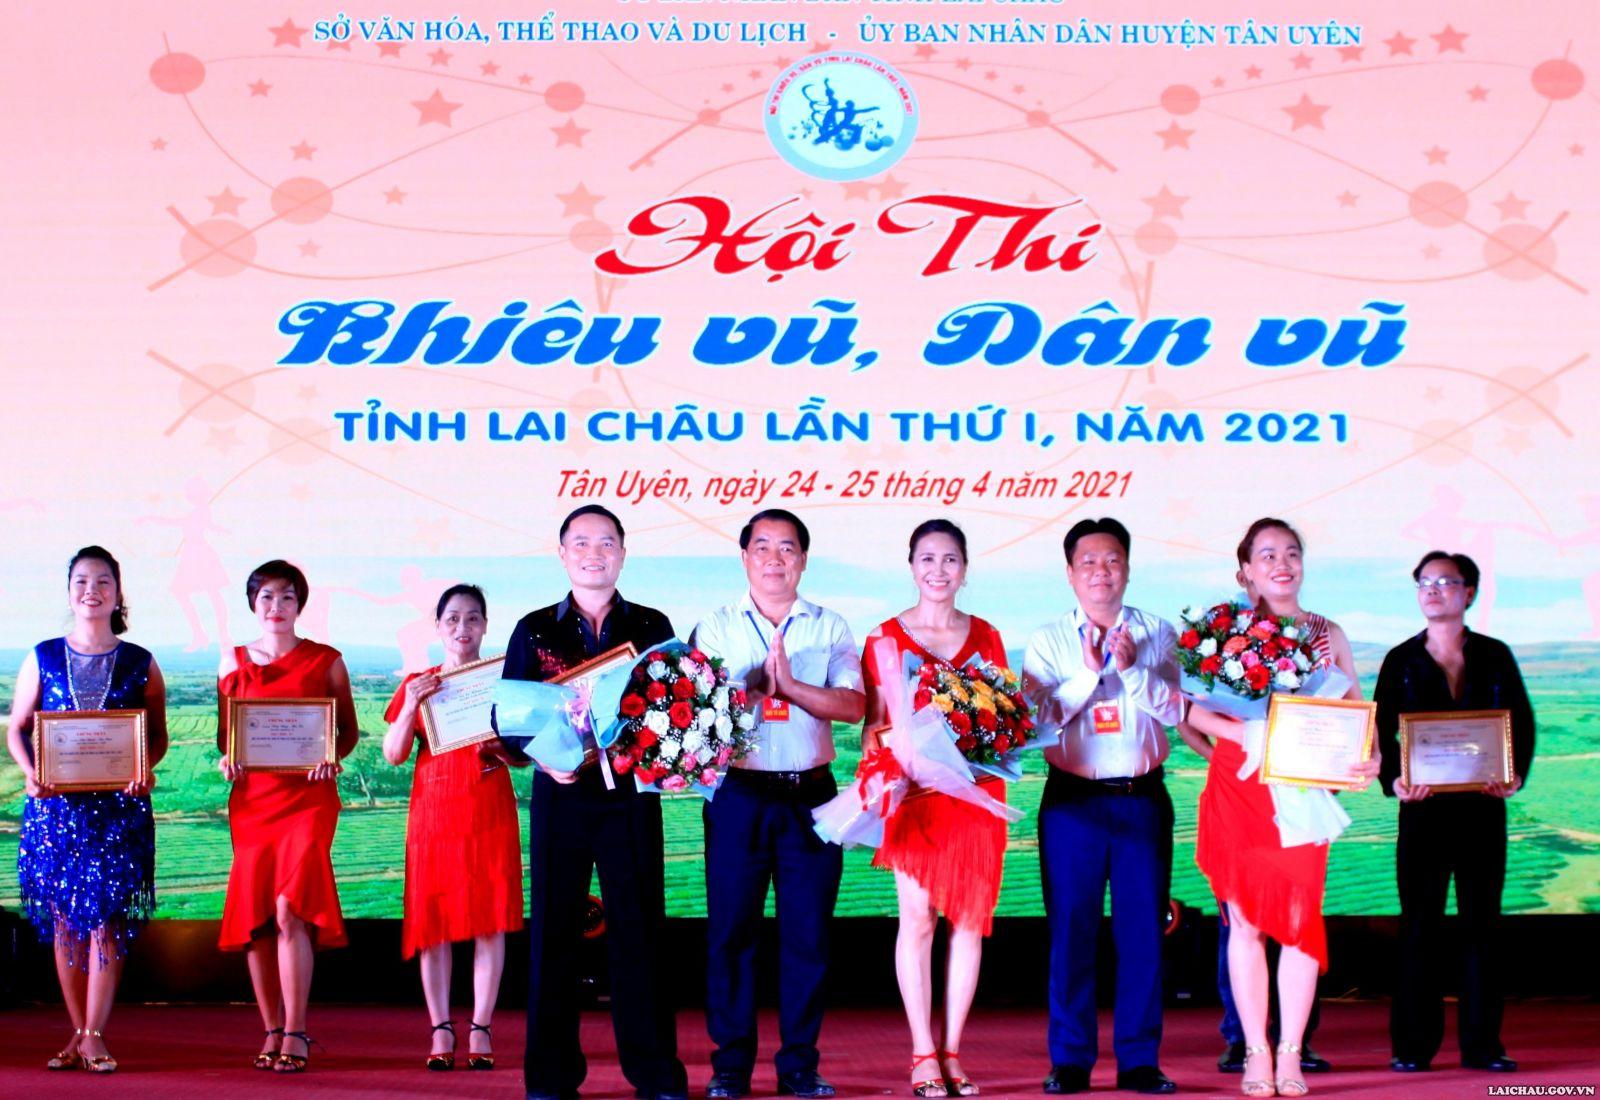 Hội thi khiêu vũ, dân vũ tỉnh Lai Châu lần thứ nhất, năm 2021